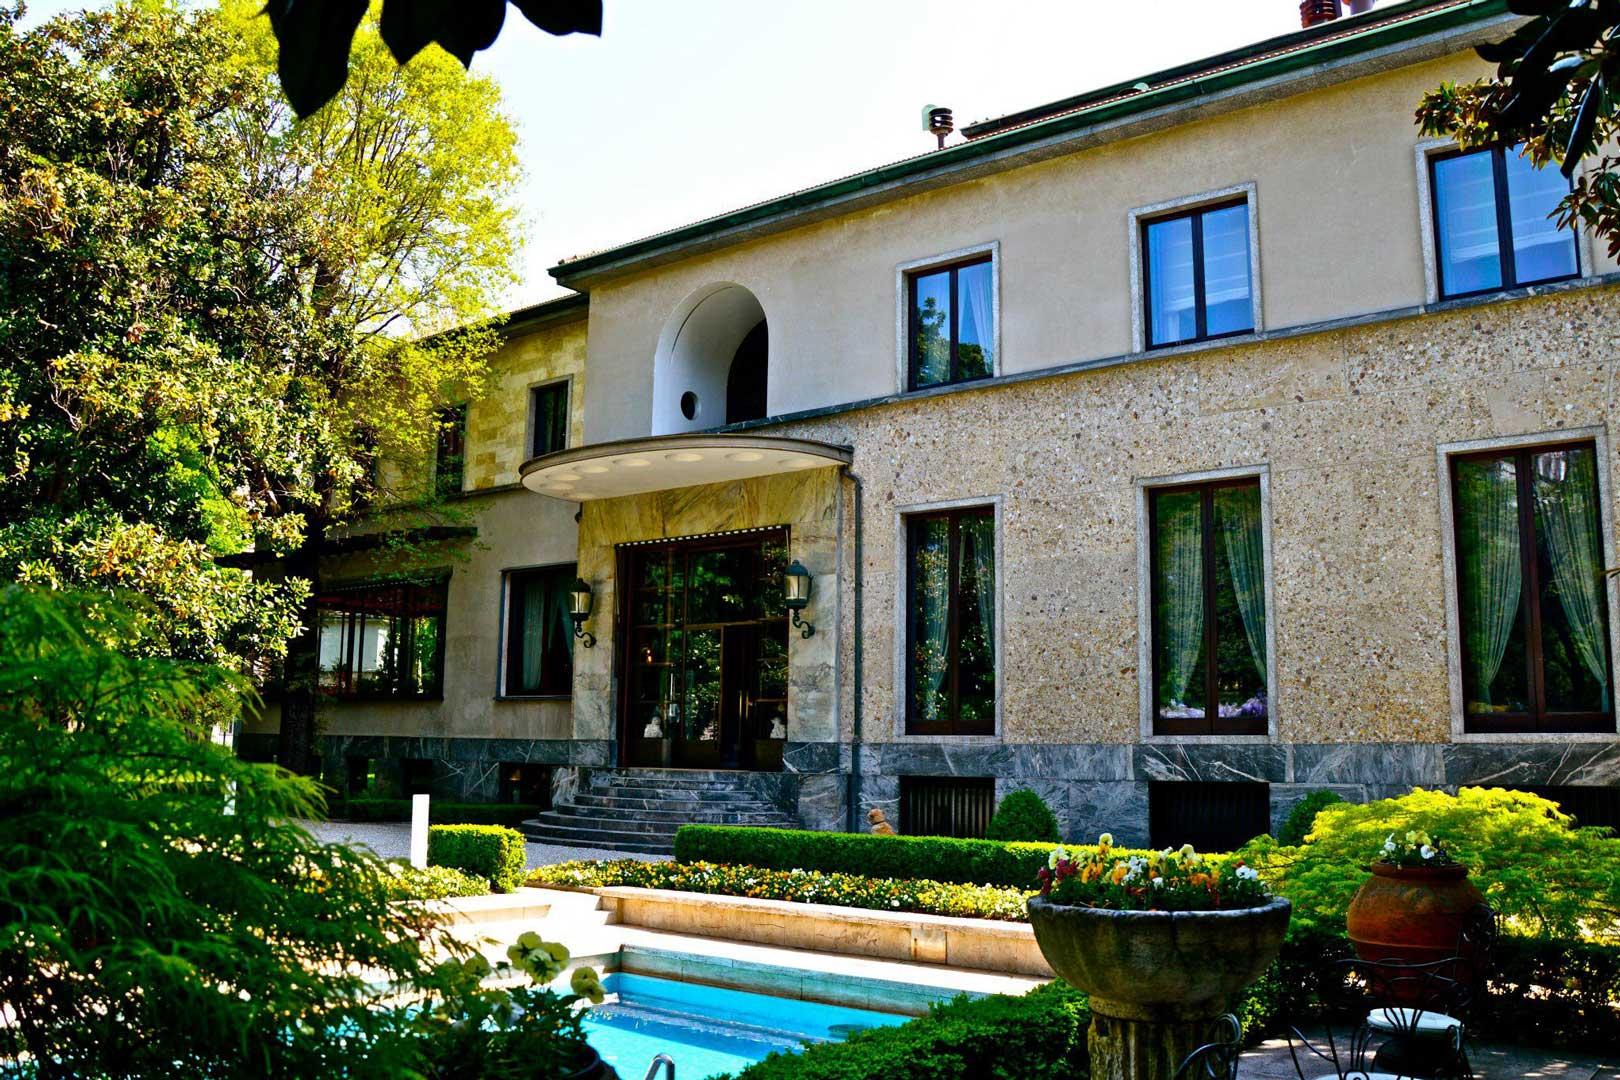 Villa Necchi Campiglio Via Mozart